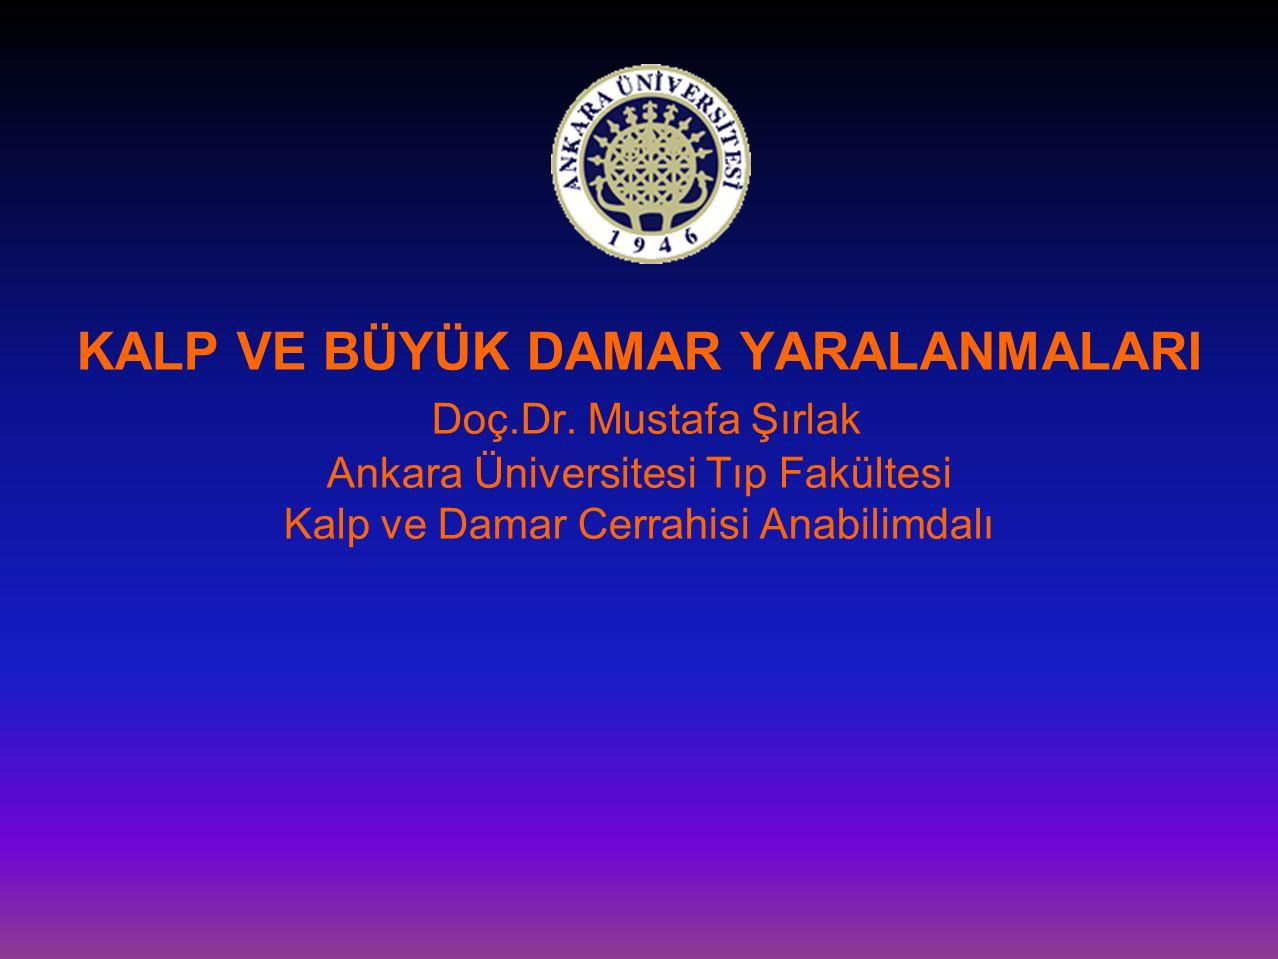 KALP VE BÜYÜK DAMAR YARALANMALARI Doç.Dr. Mustafa Şırlak Ankara Üniversitesi Tıp Fakültesi Kalp ve Damar Cerrahisi Anabilimdalı